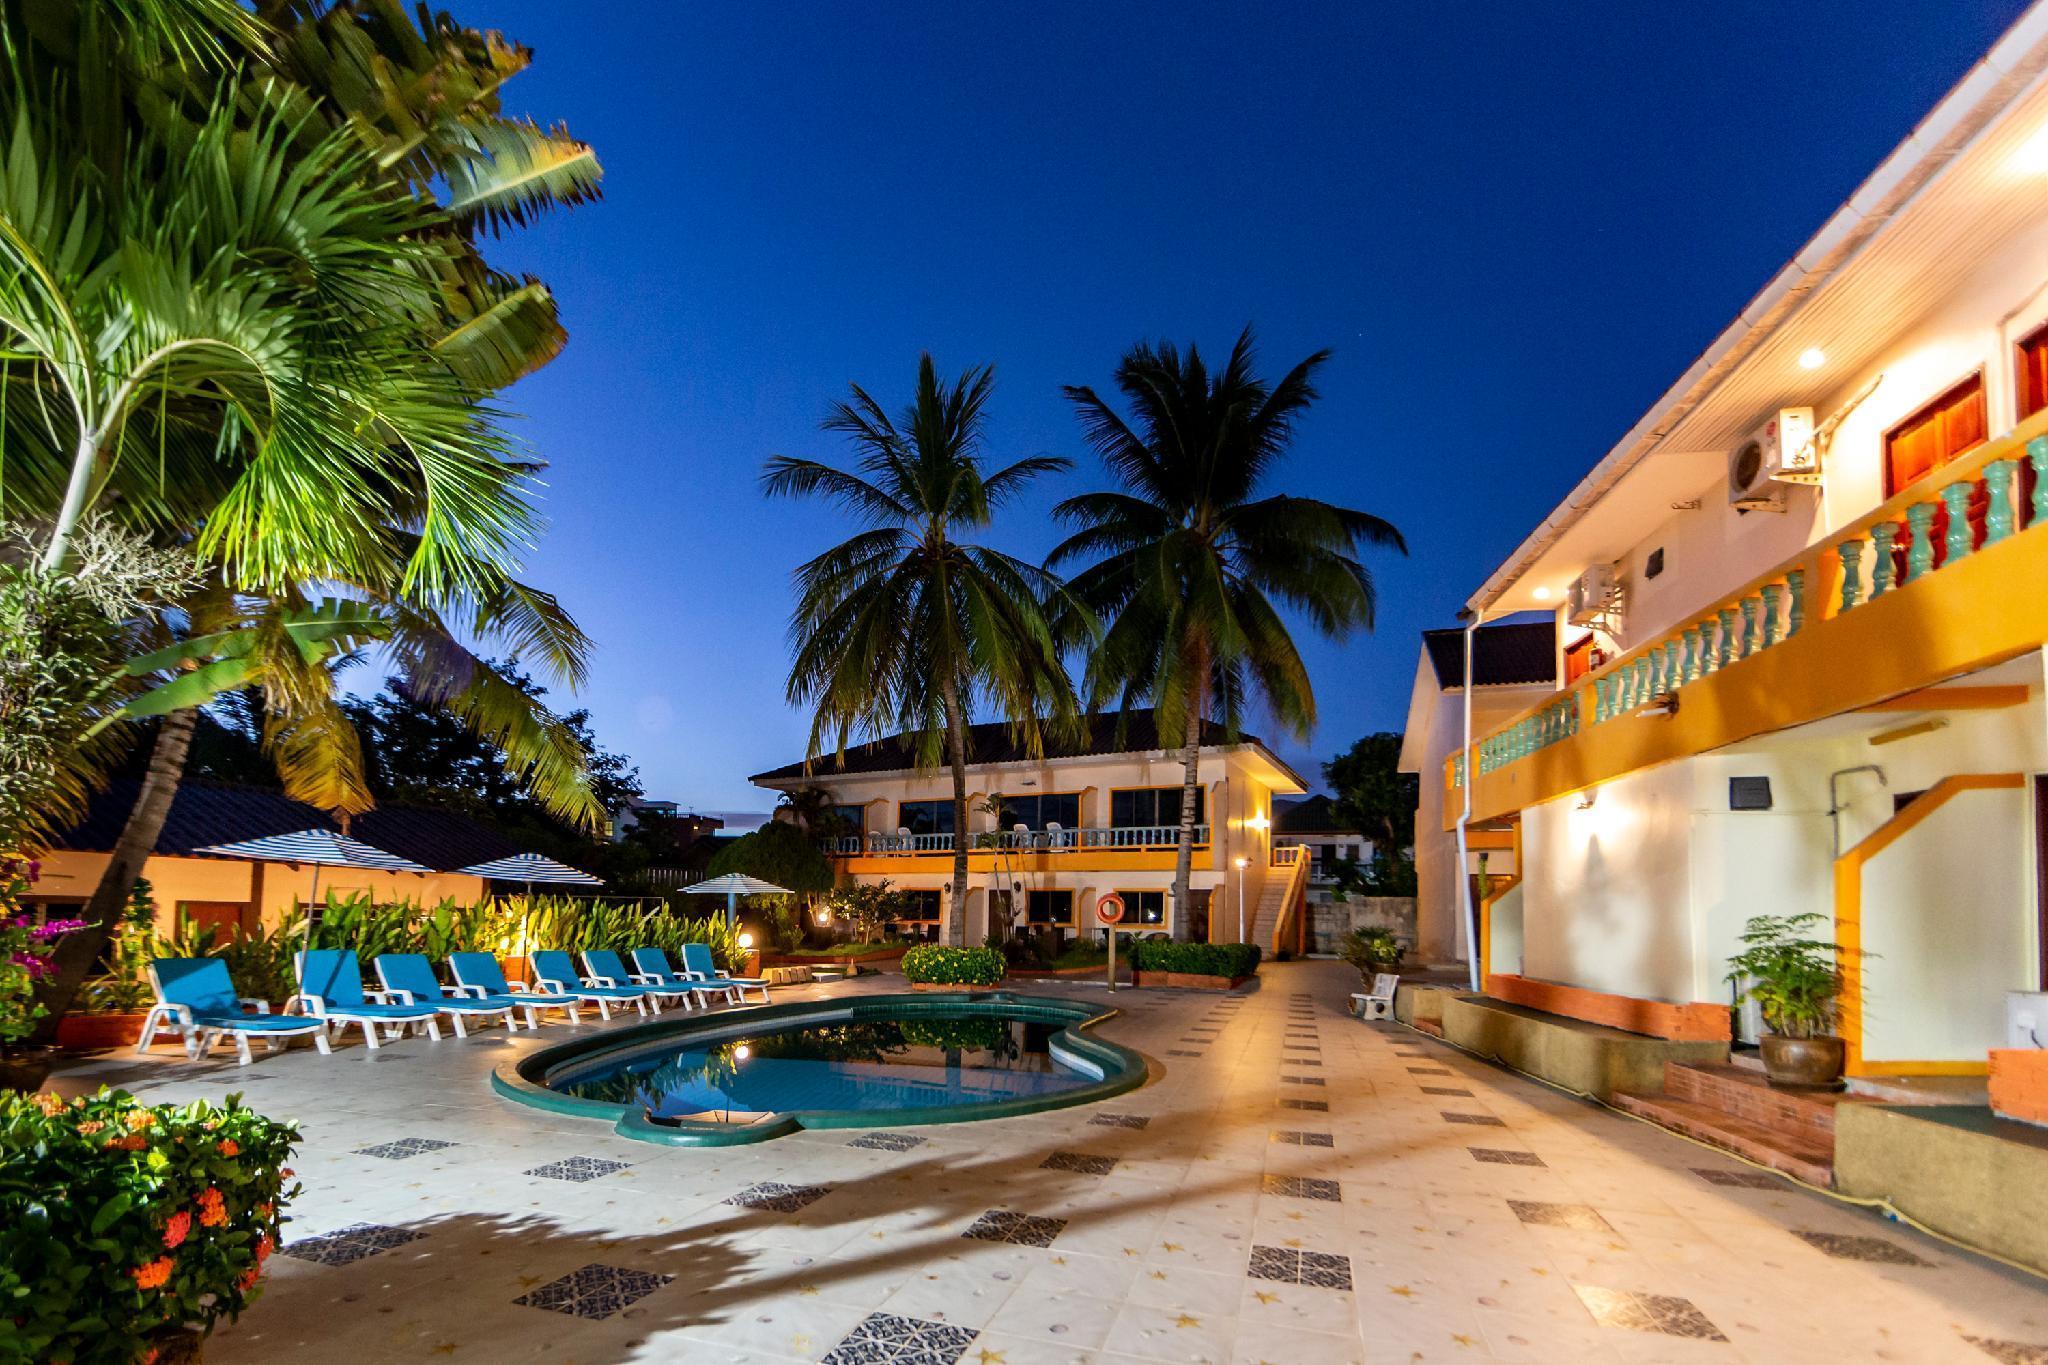 The Coconut Resort เดอะ โคโคนัท รีสอร์ต